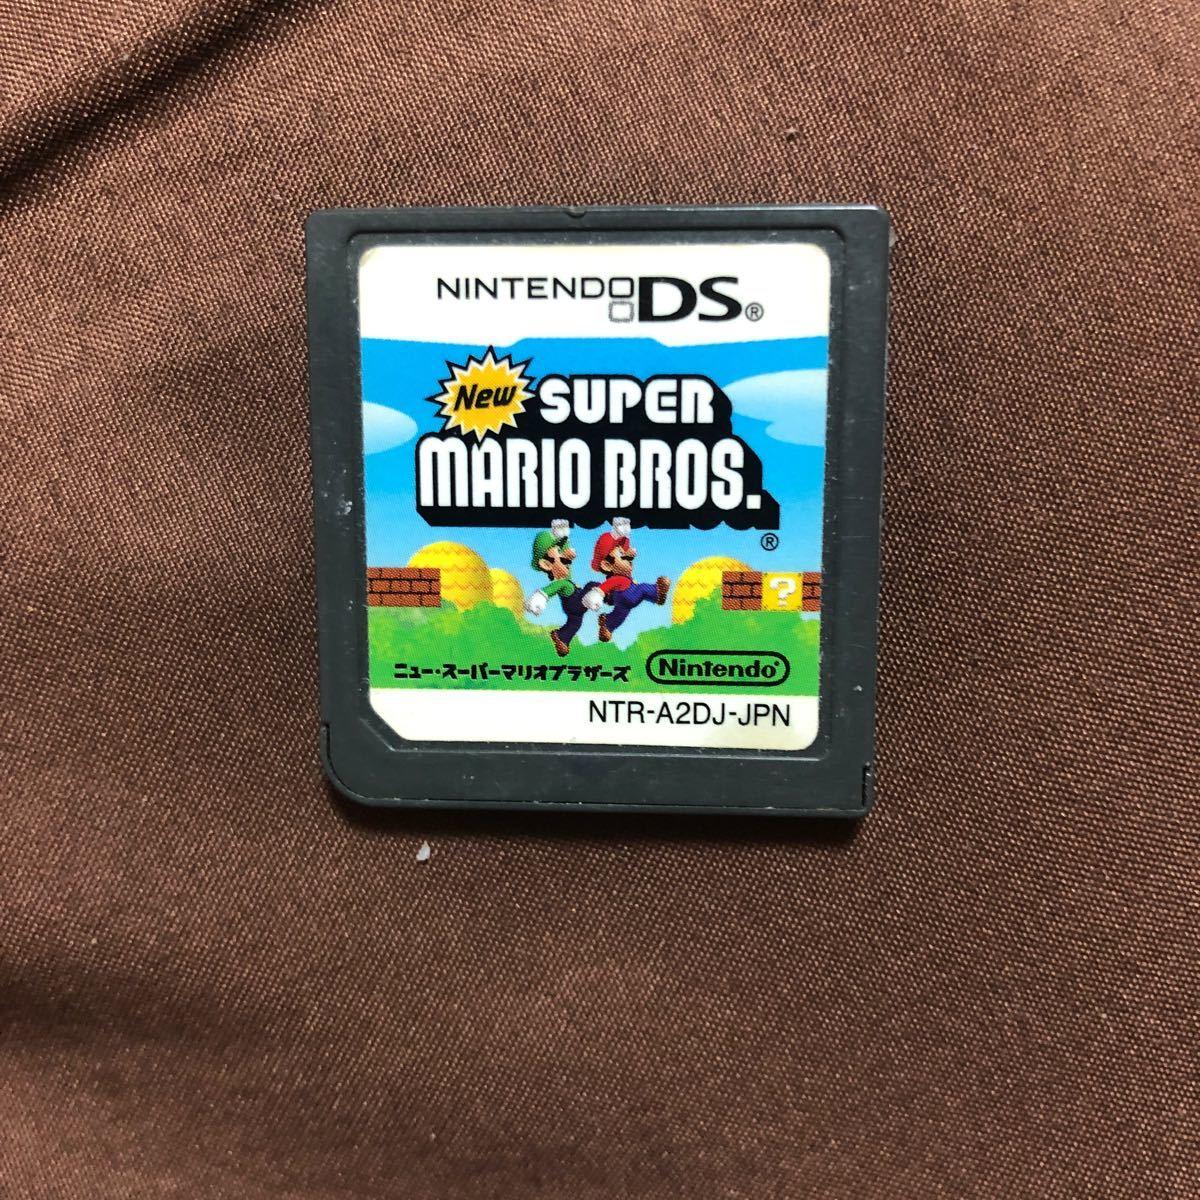 Newスーパーマリオブラザーズ ニンテンドーDS DSソフト